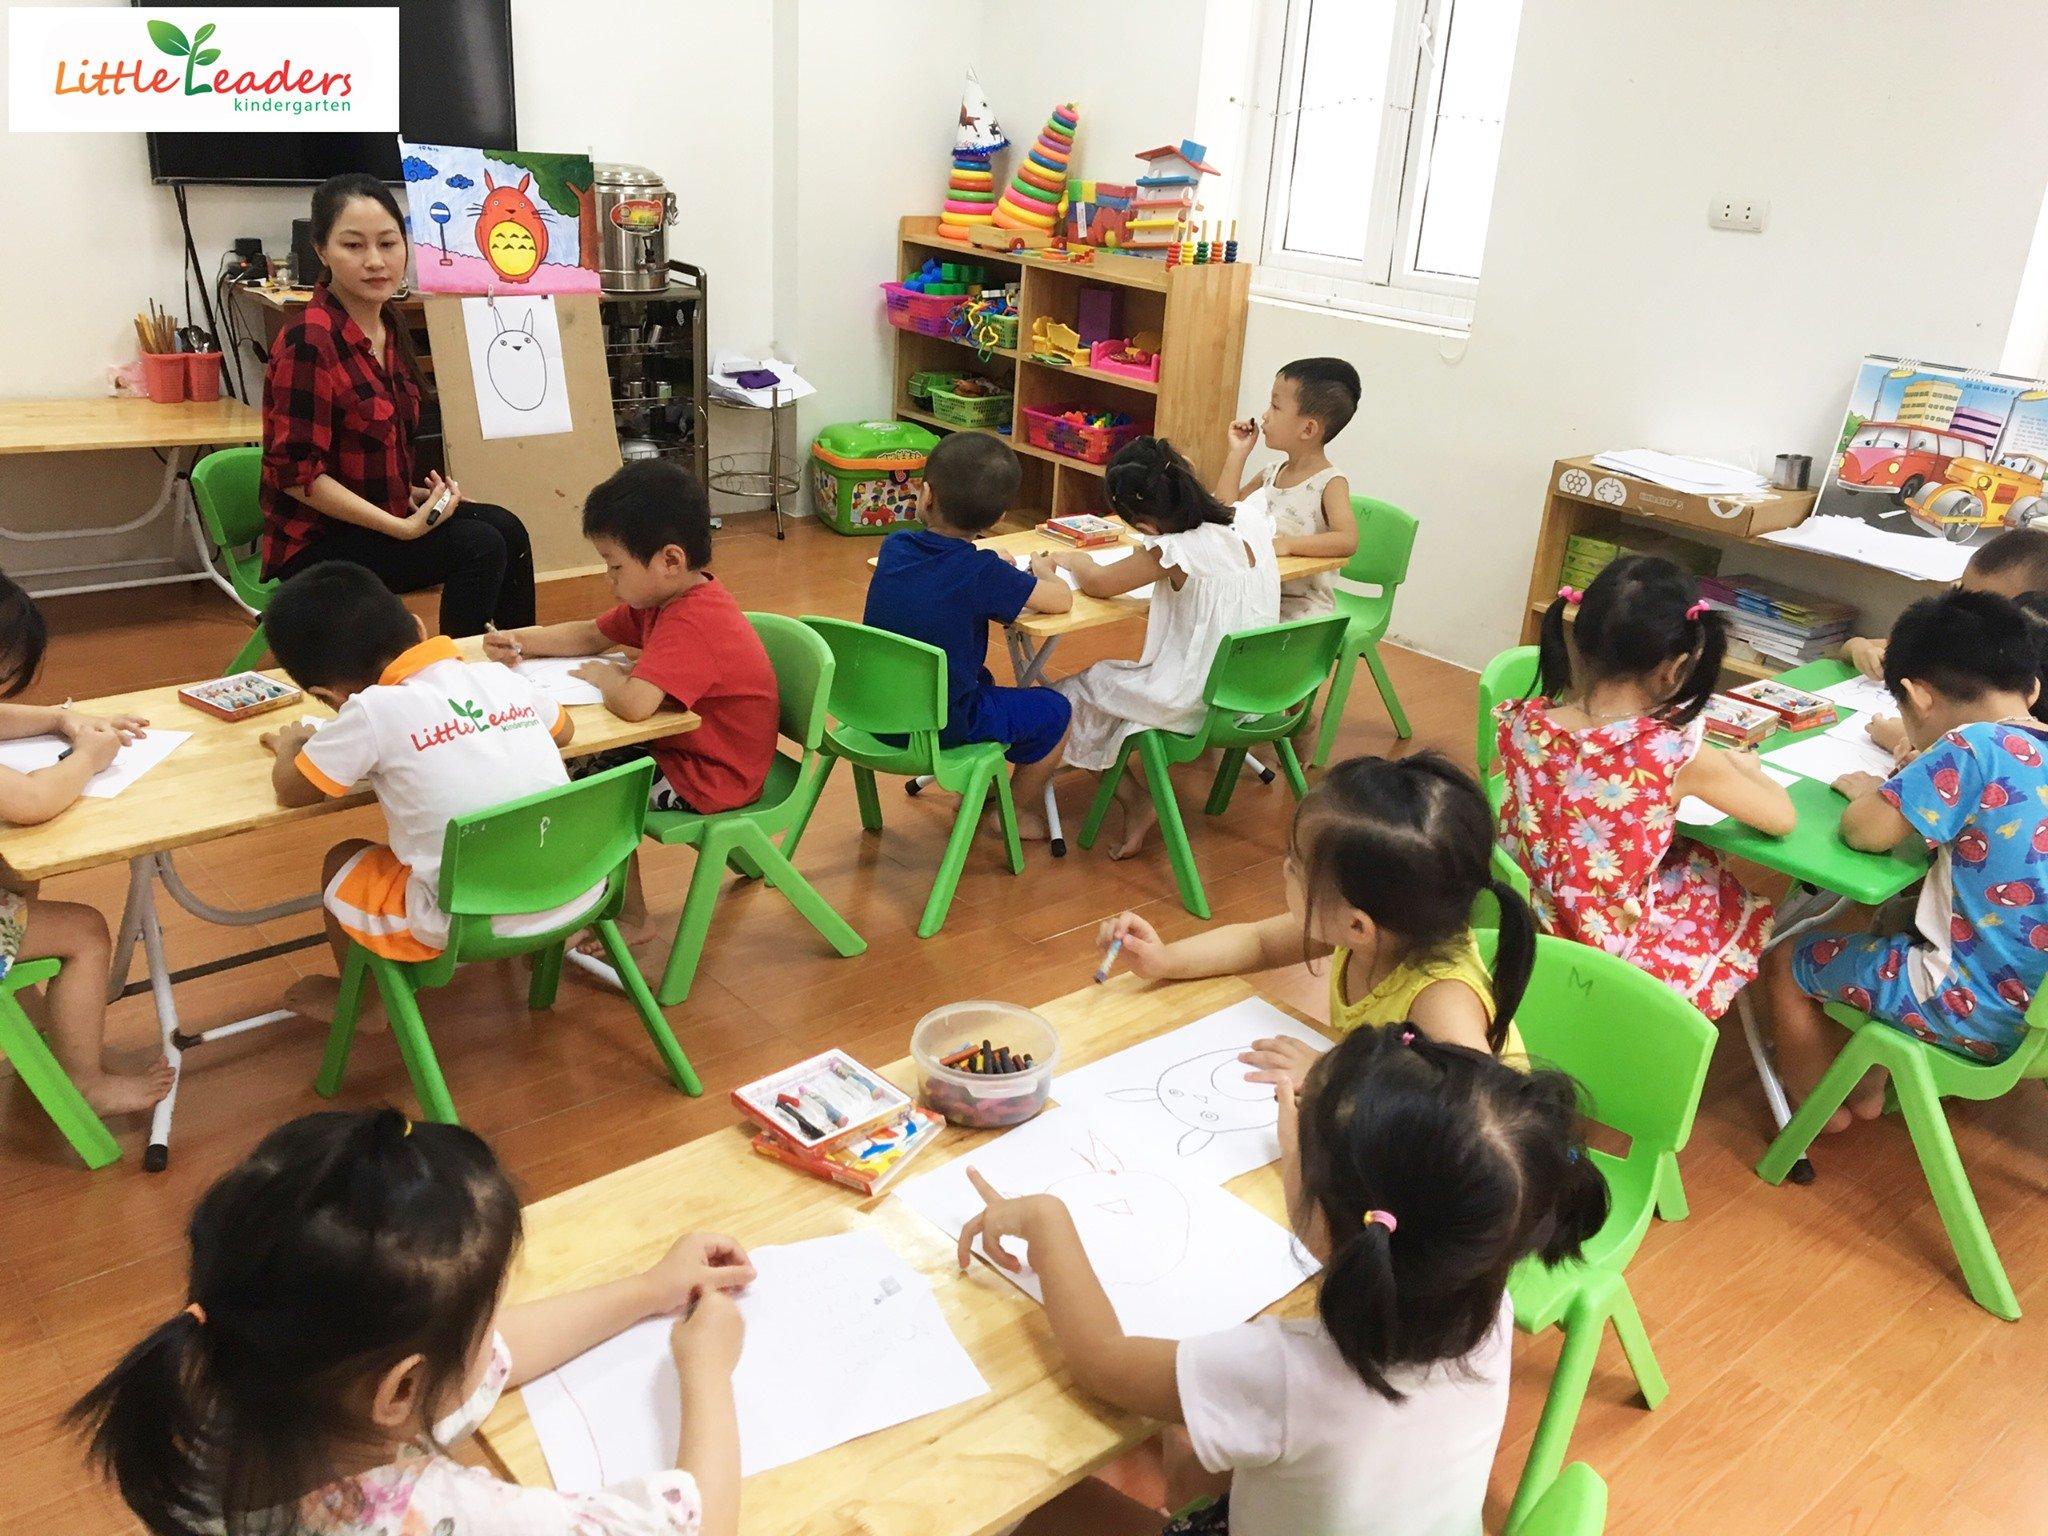 Trường mầm non Thủ Lĩnh Nhí (Little Leader Kindergarten - LLK ) - Tây Mỗ